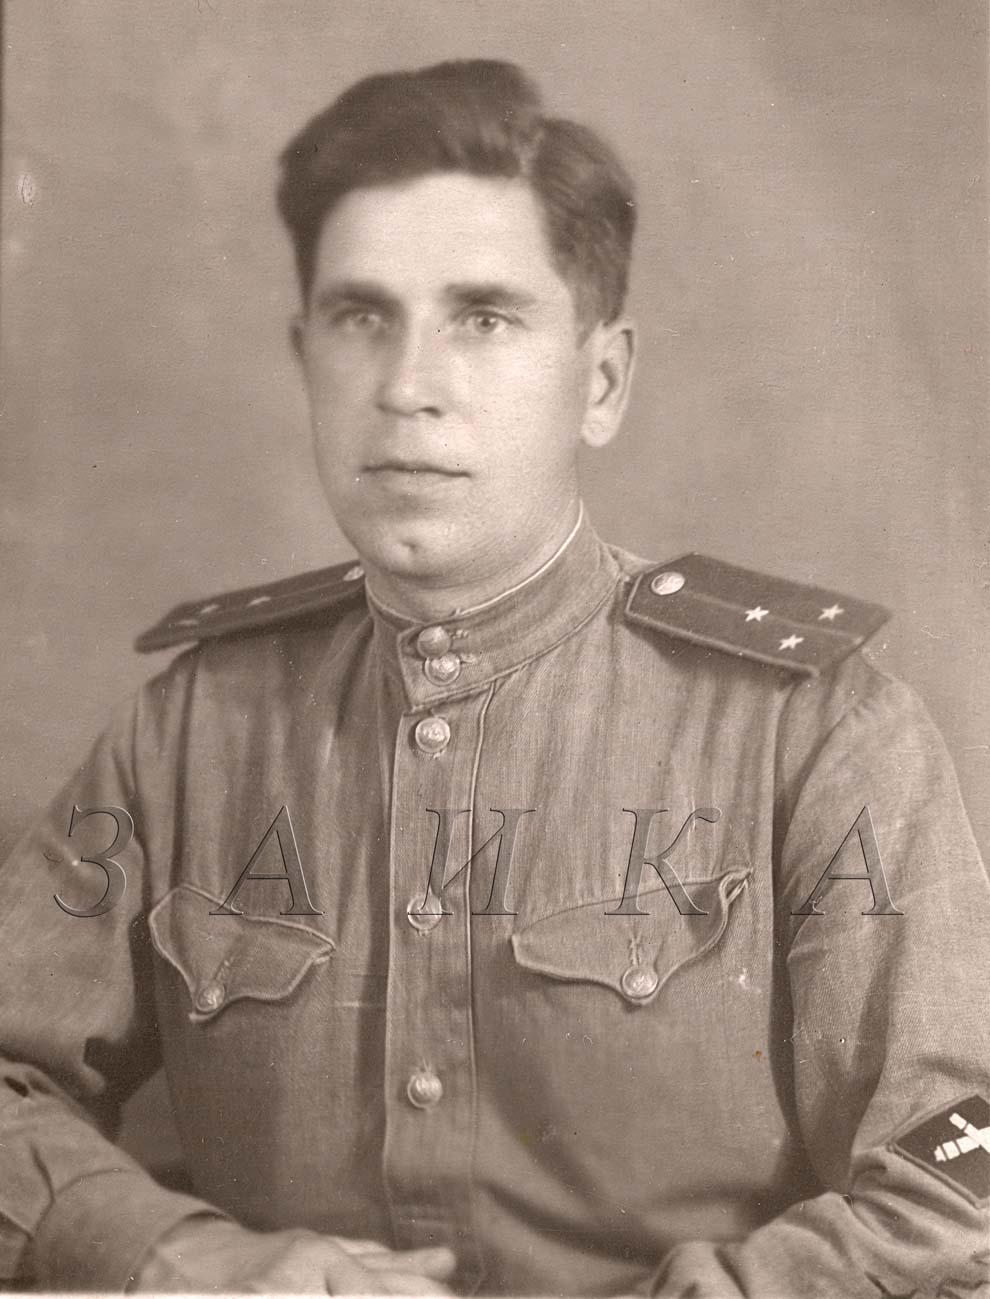 Фотография офицера с нарукавным знаком ИПТА